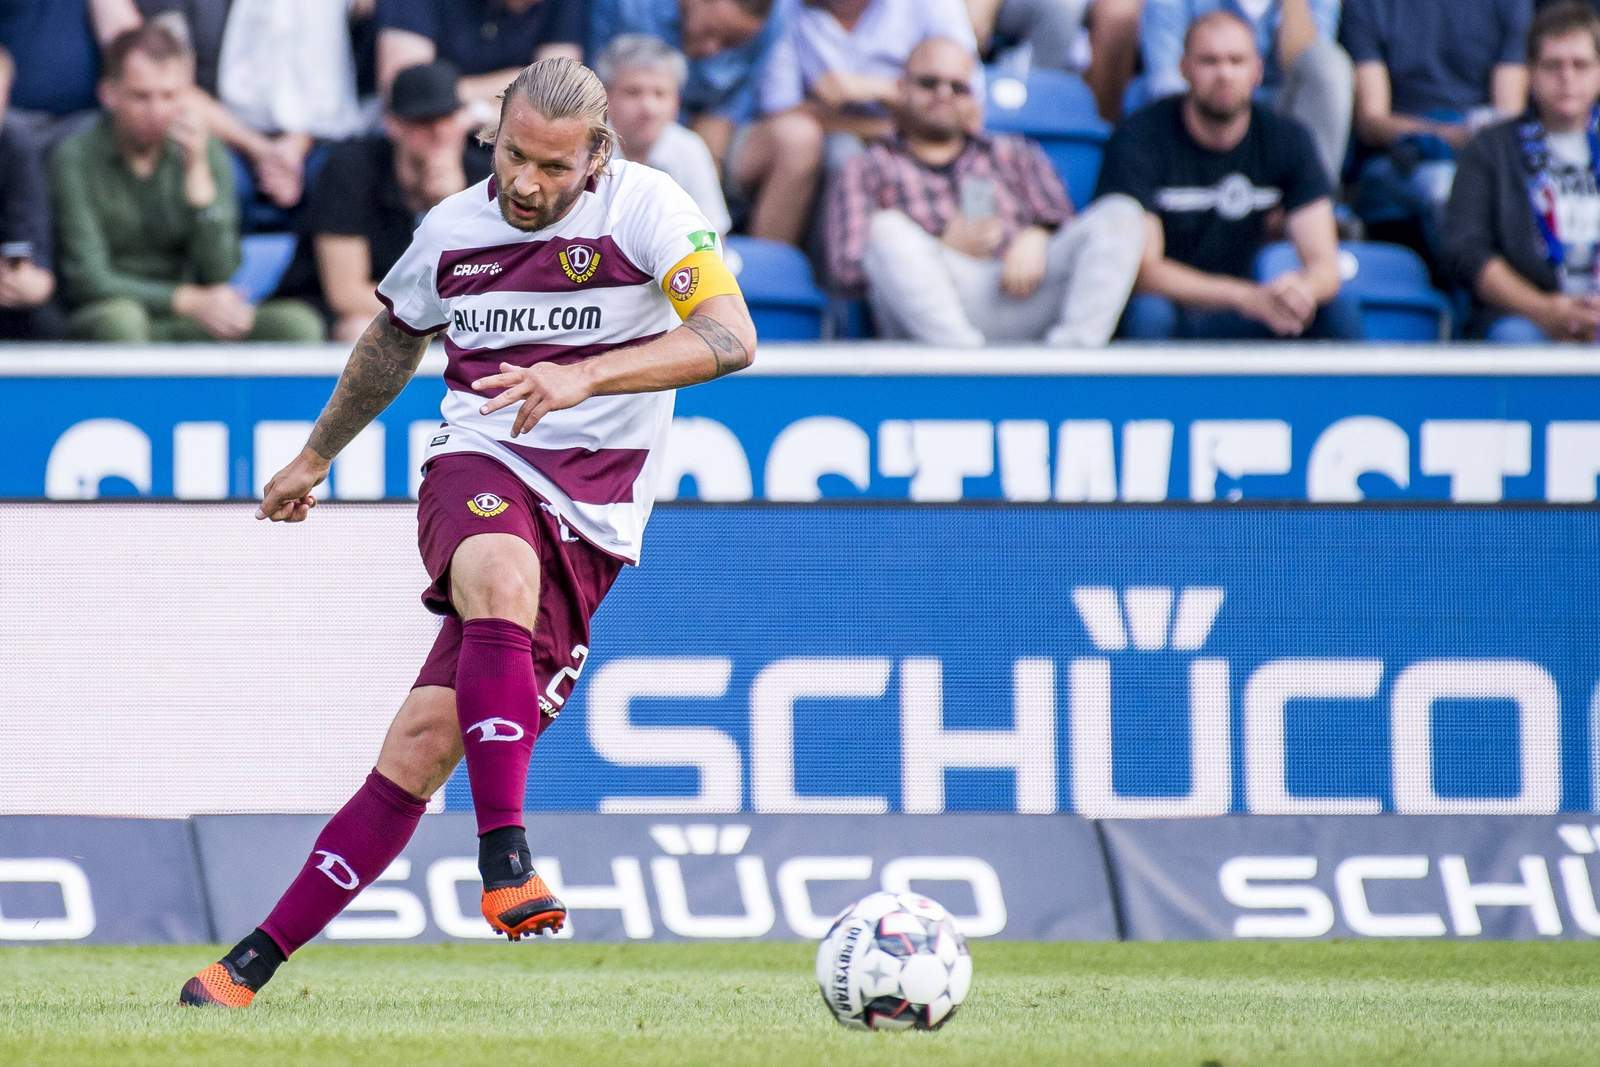 Kai Ebert und Dynamo Dresden unterlagen dem Hallescher FC mit 1:4.